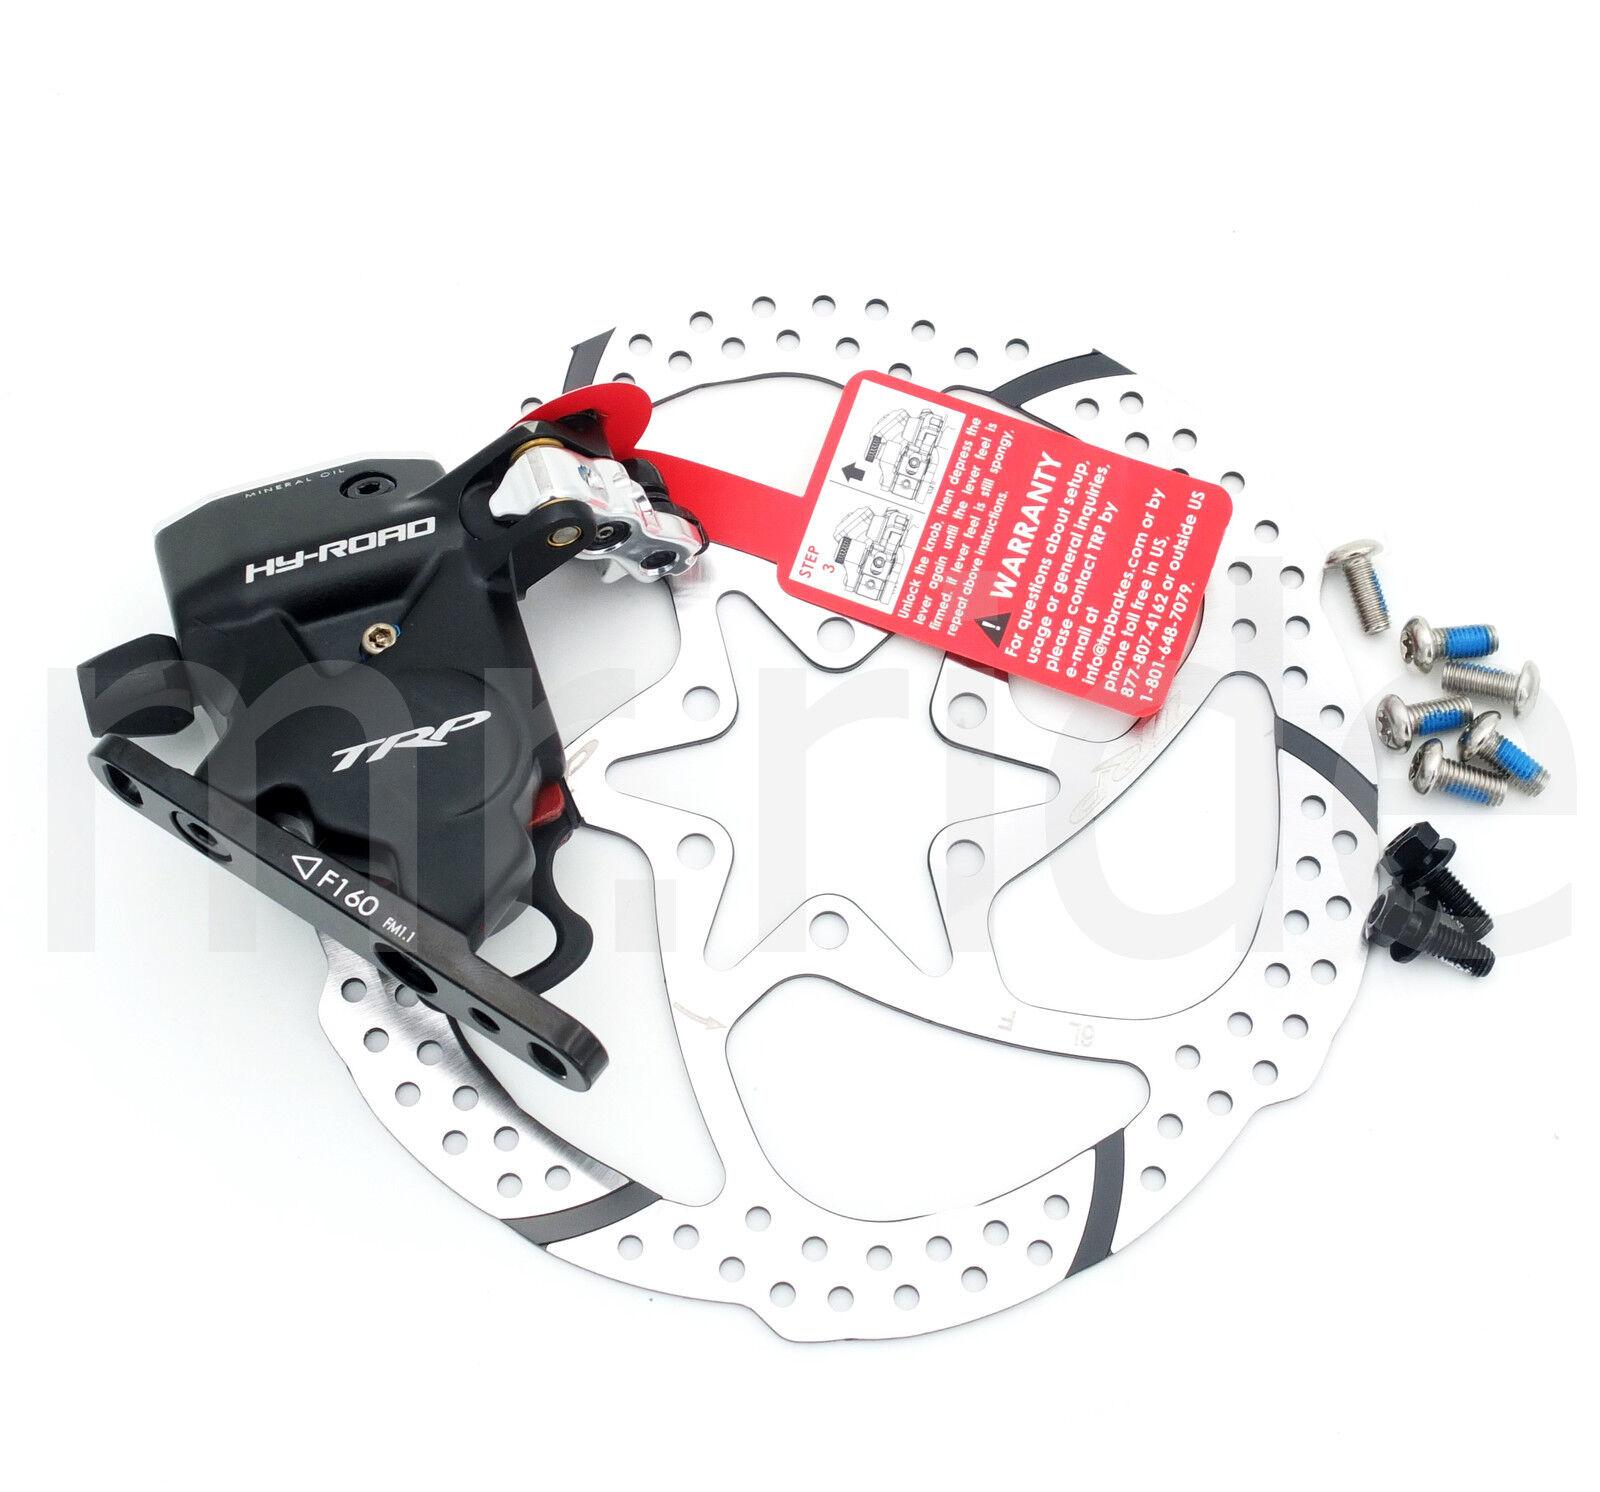 Trp Trp Trp HY RD plana Monte delantero freno de disco hidráulico accionada con cables con rojoor de 160 BK 074ec0